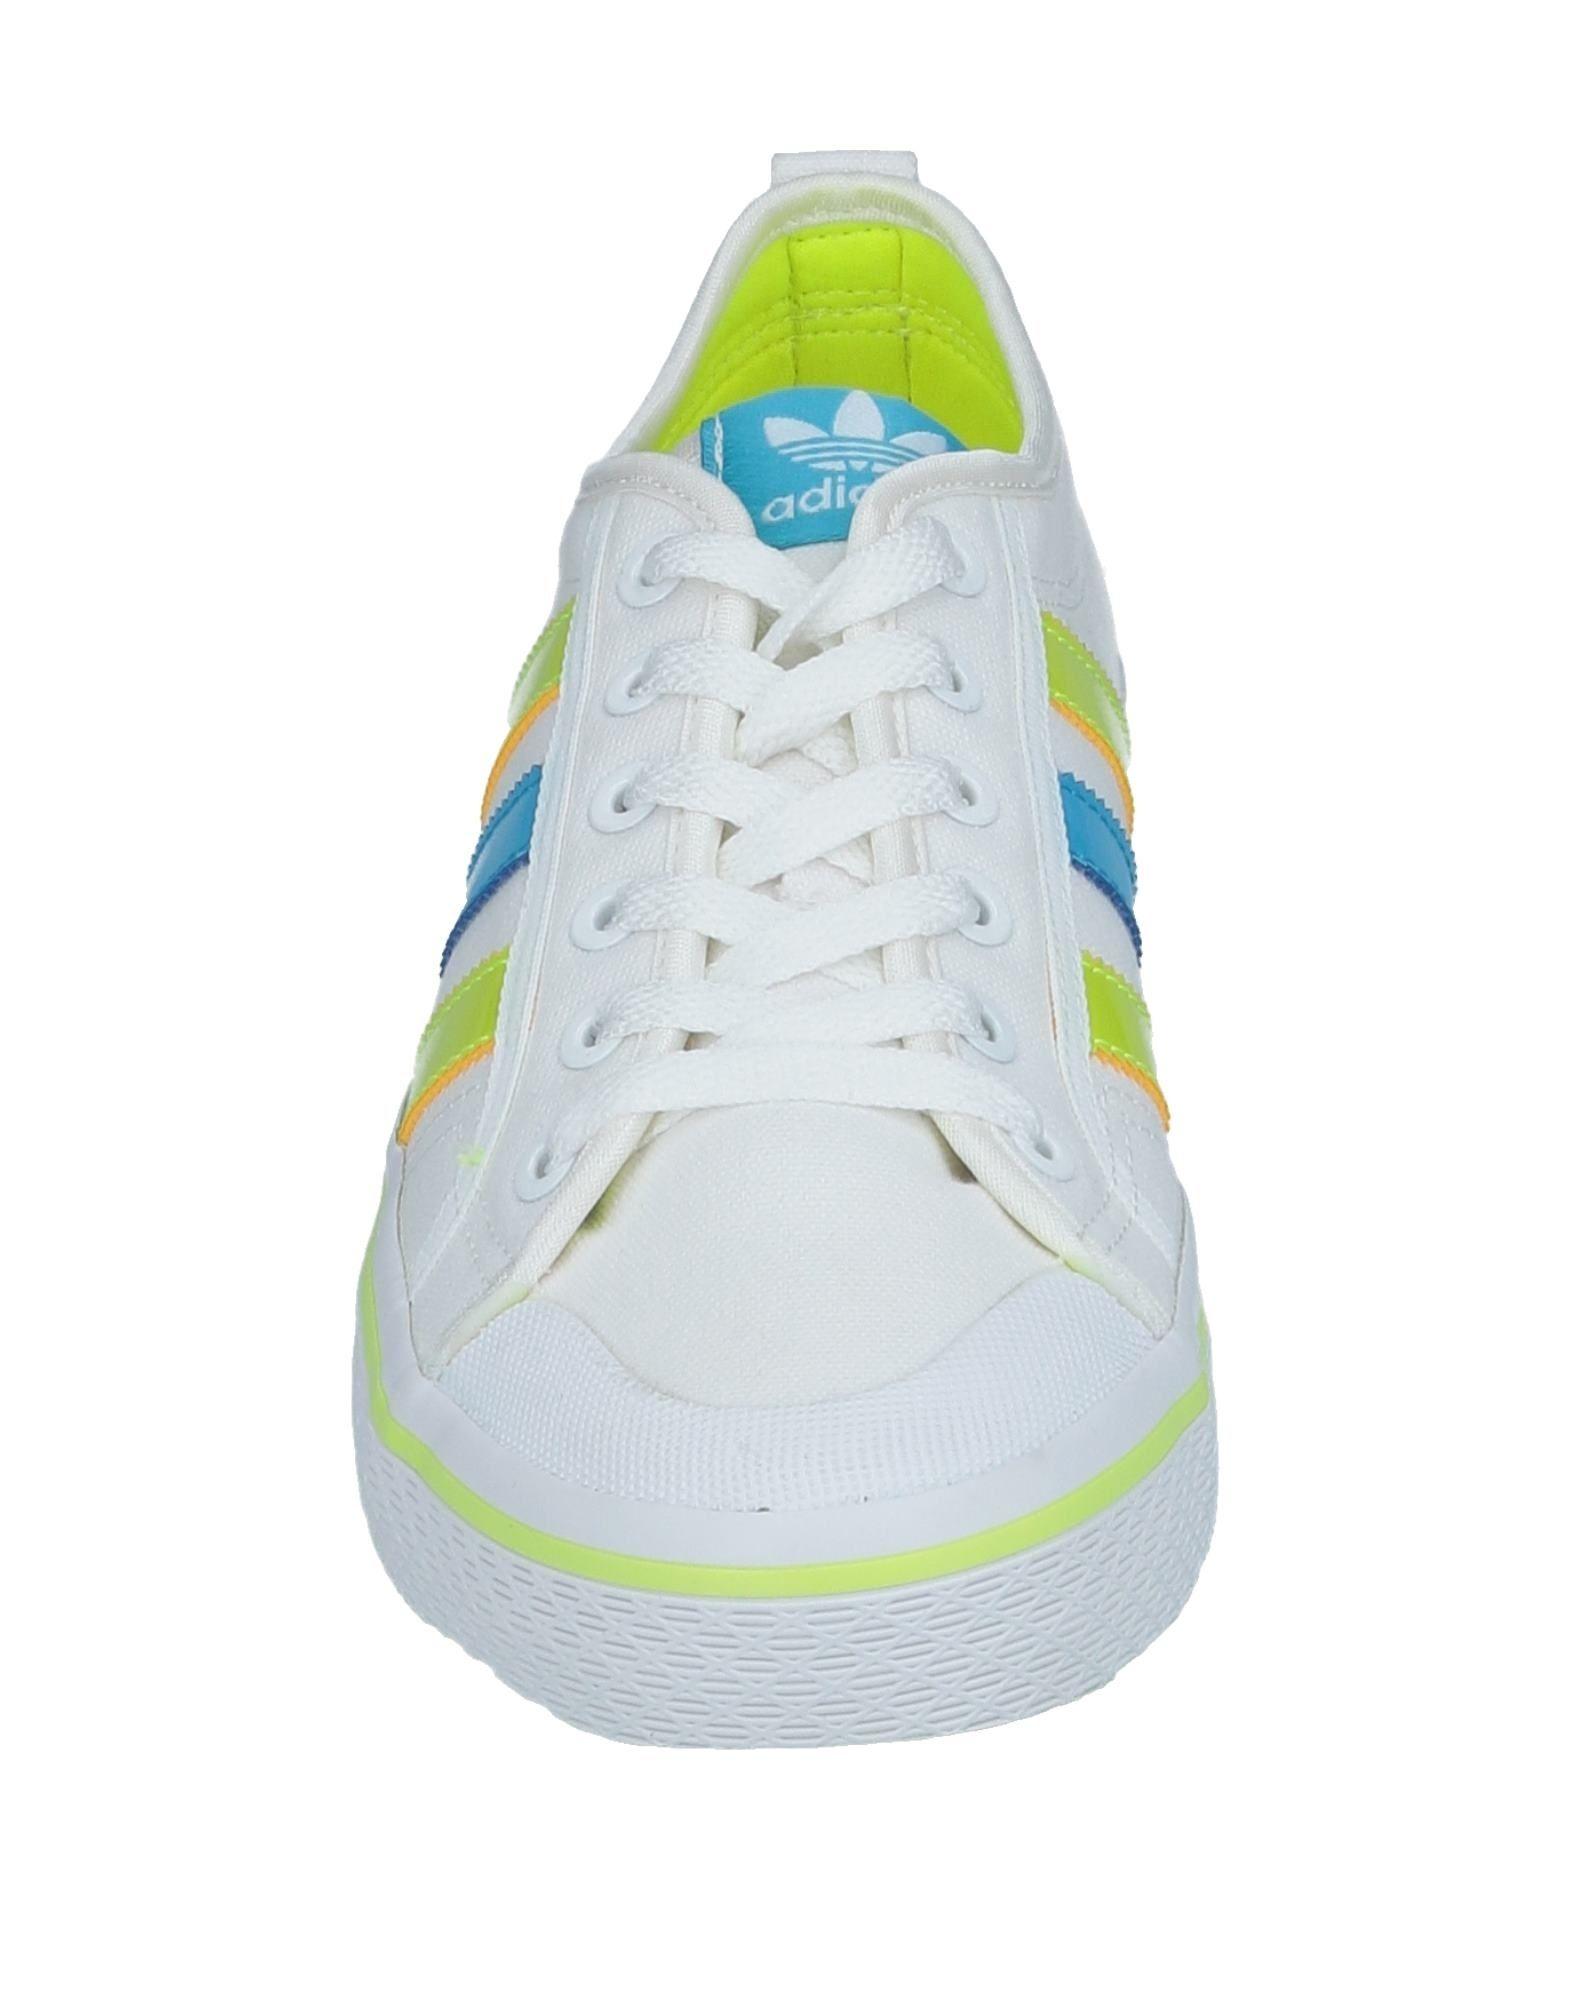 Adidas Originals Sneakers Qualität Damen  11554406RB Gute Qualität Sneakers beliebte Schuhe ff20a5